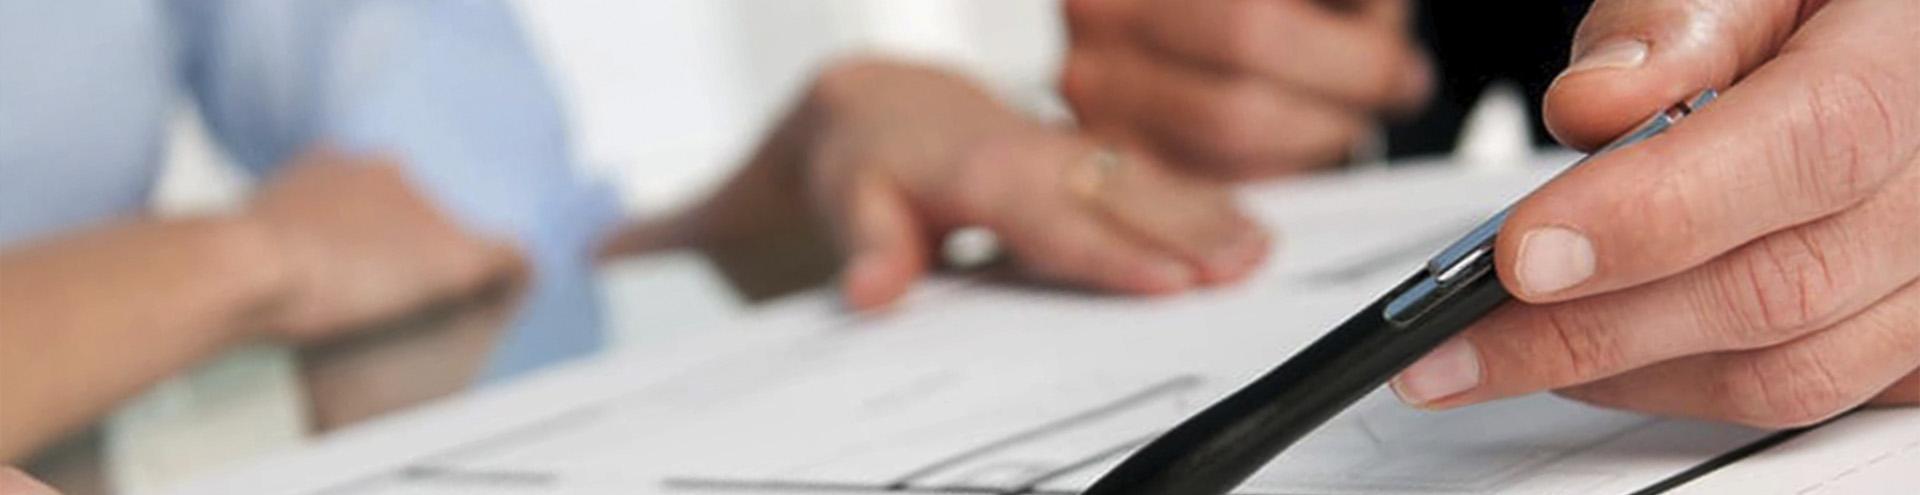 реструктуризация долга по кредиту в Калуге и Калужской области